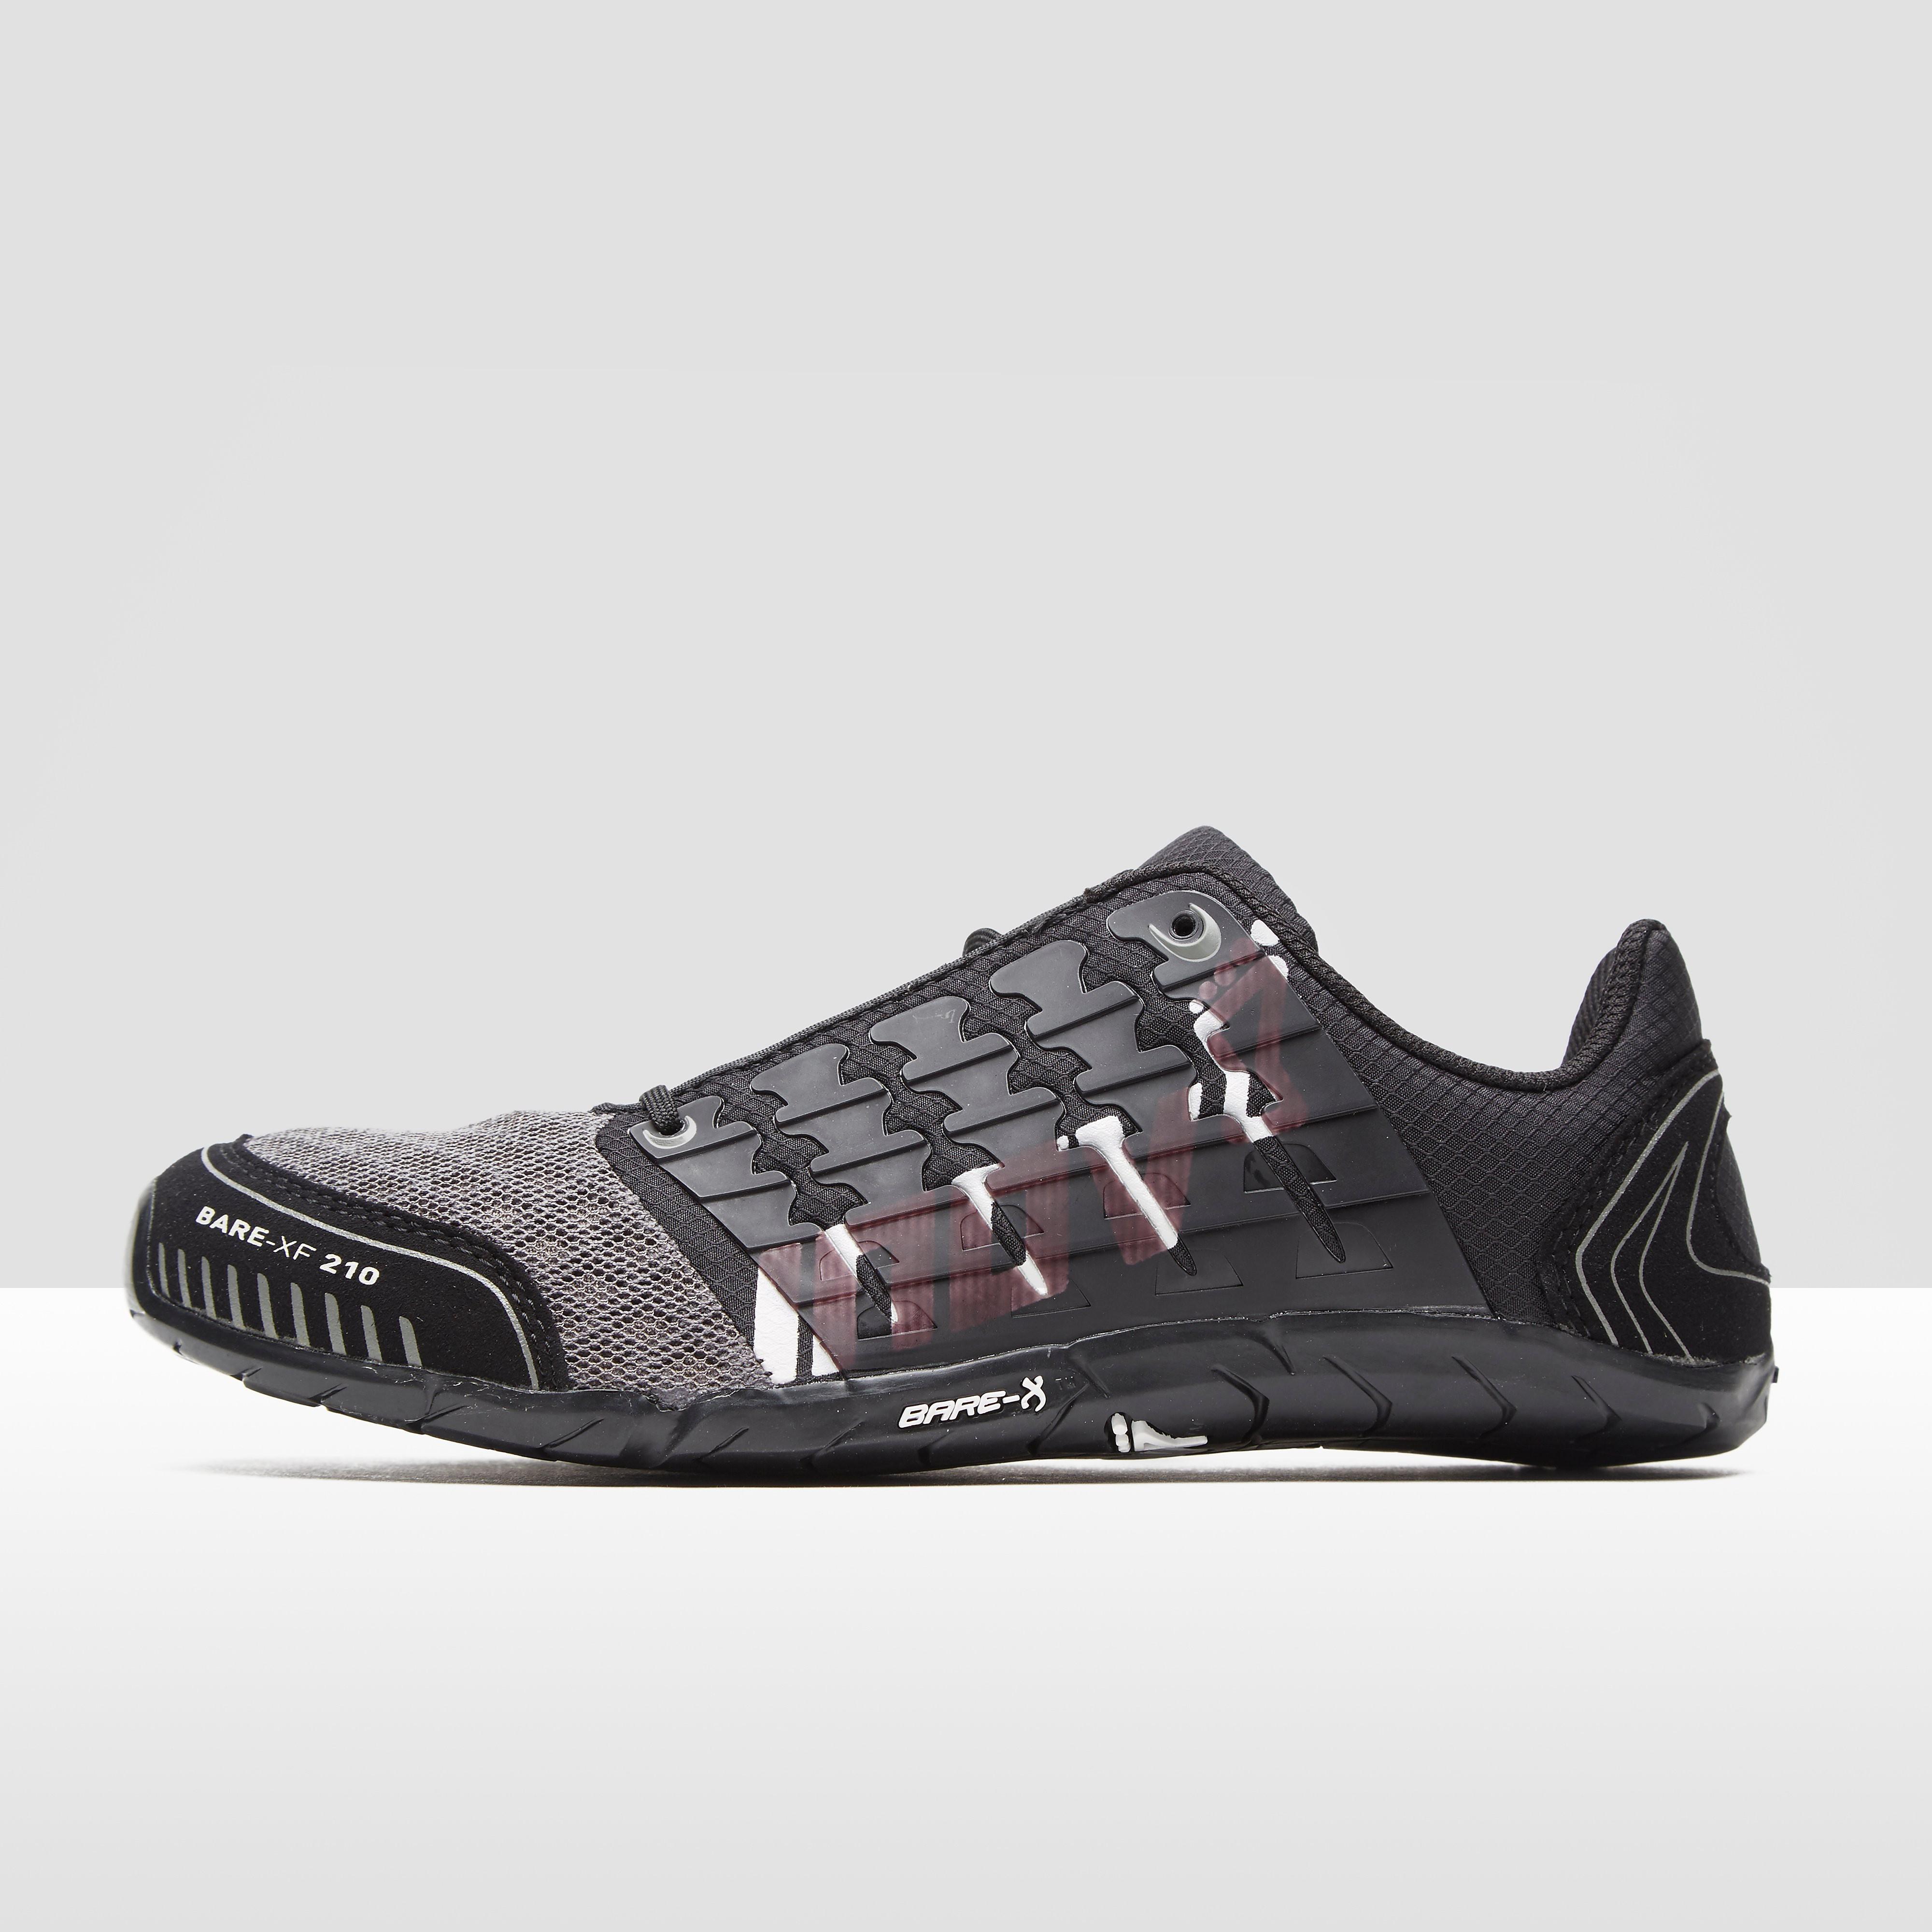 Inov-8 Bare-XF 210 Unisex Training Shoes